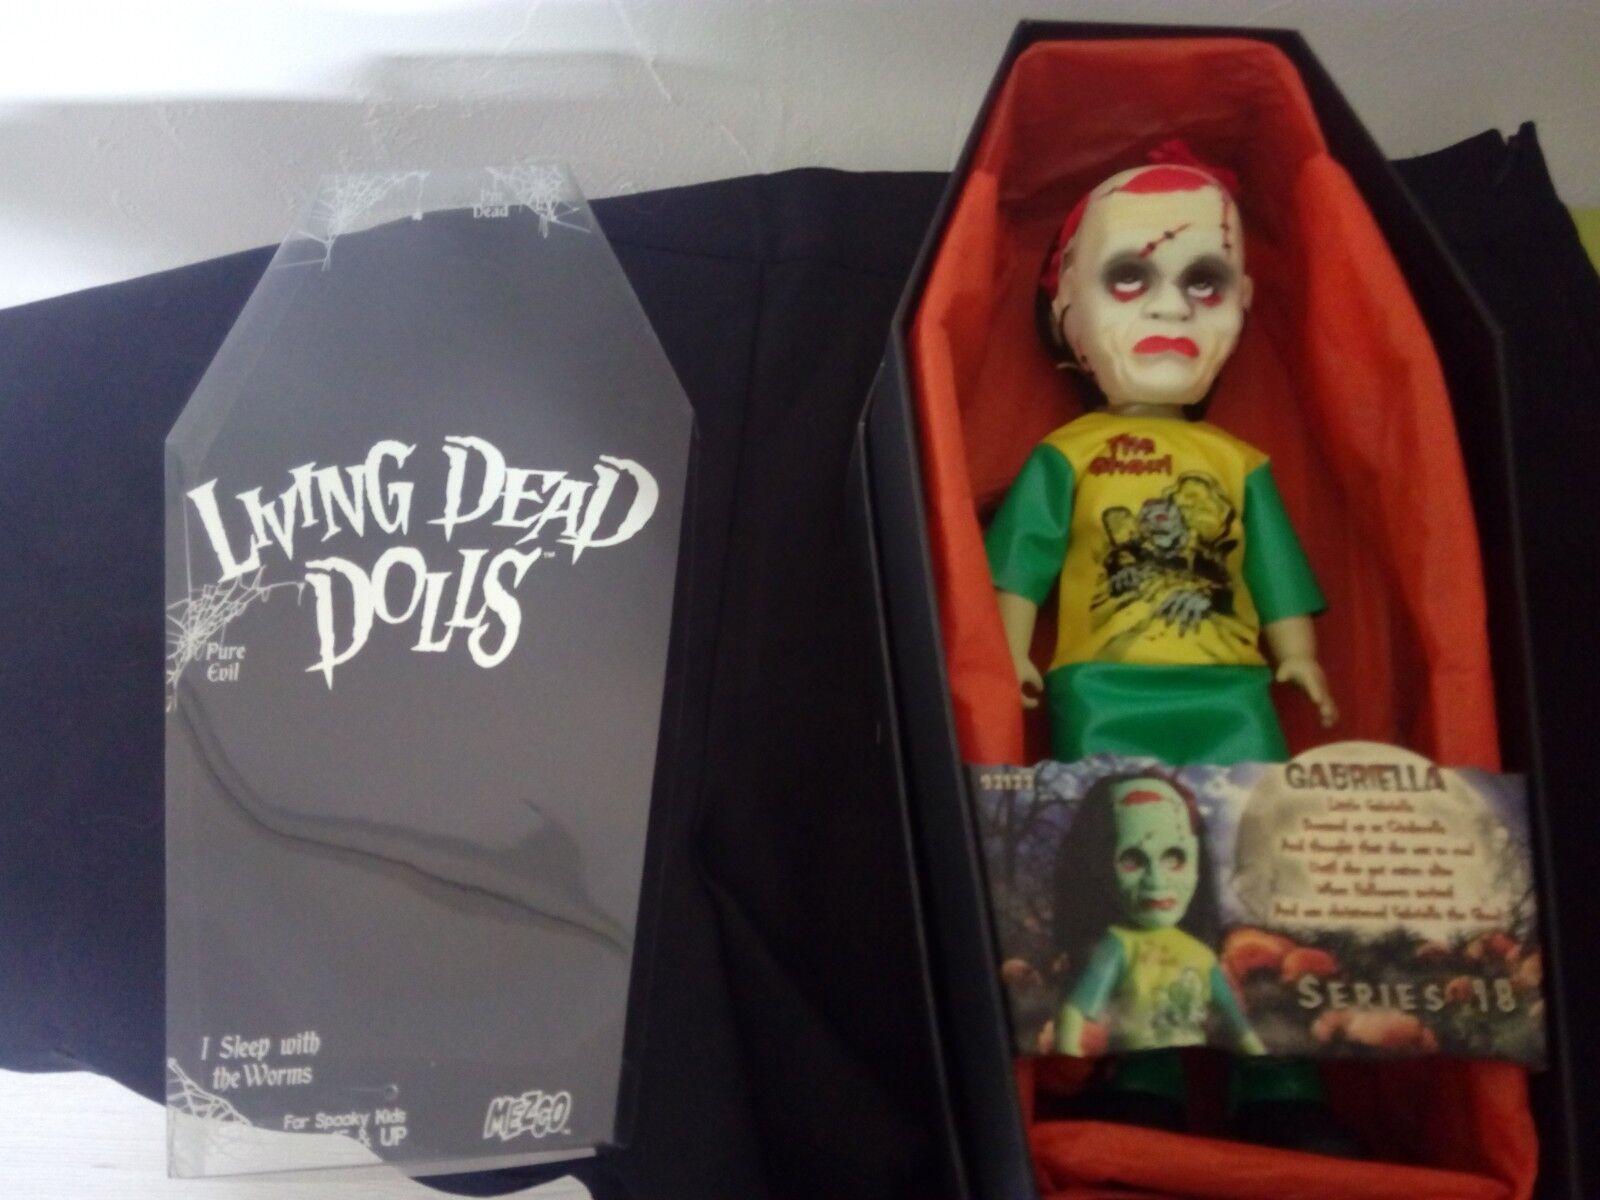 per il commercio all'ingrosso LIVING LIVING LIVING DEAD bambolaS SERIE 18 GABRIELLA COMPLET  Offriamo vari marchi famosi